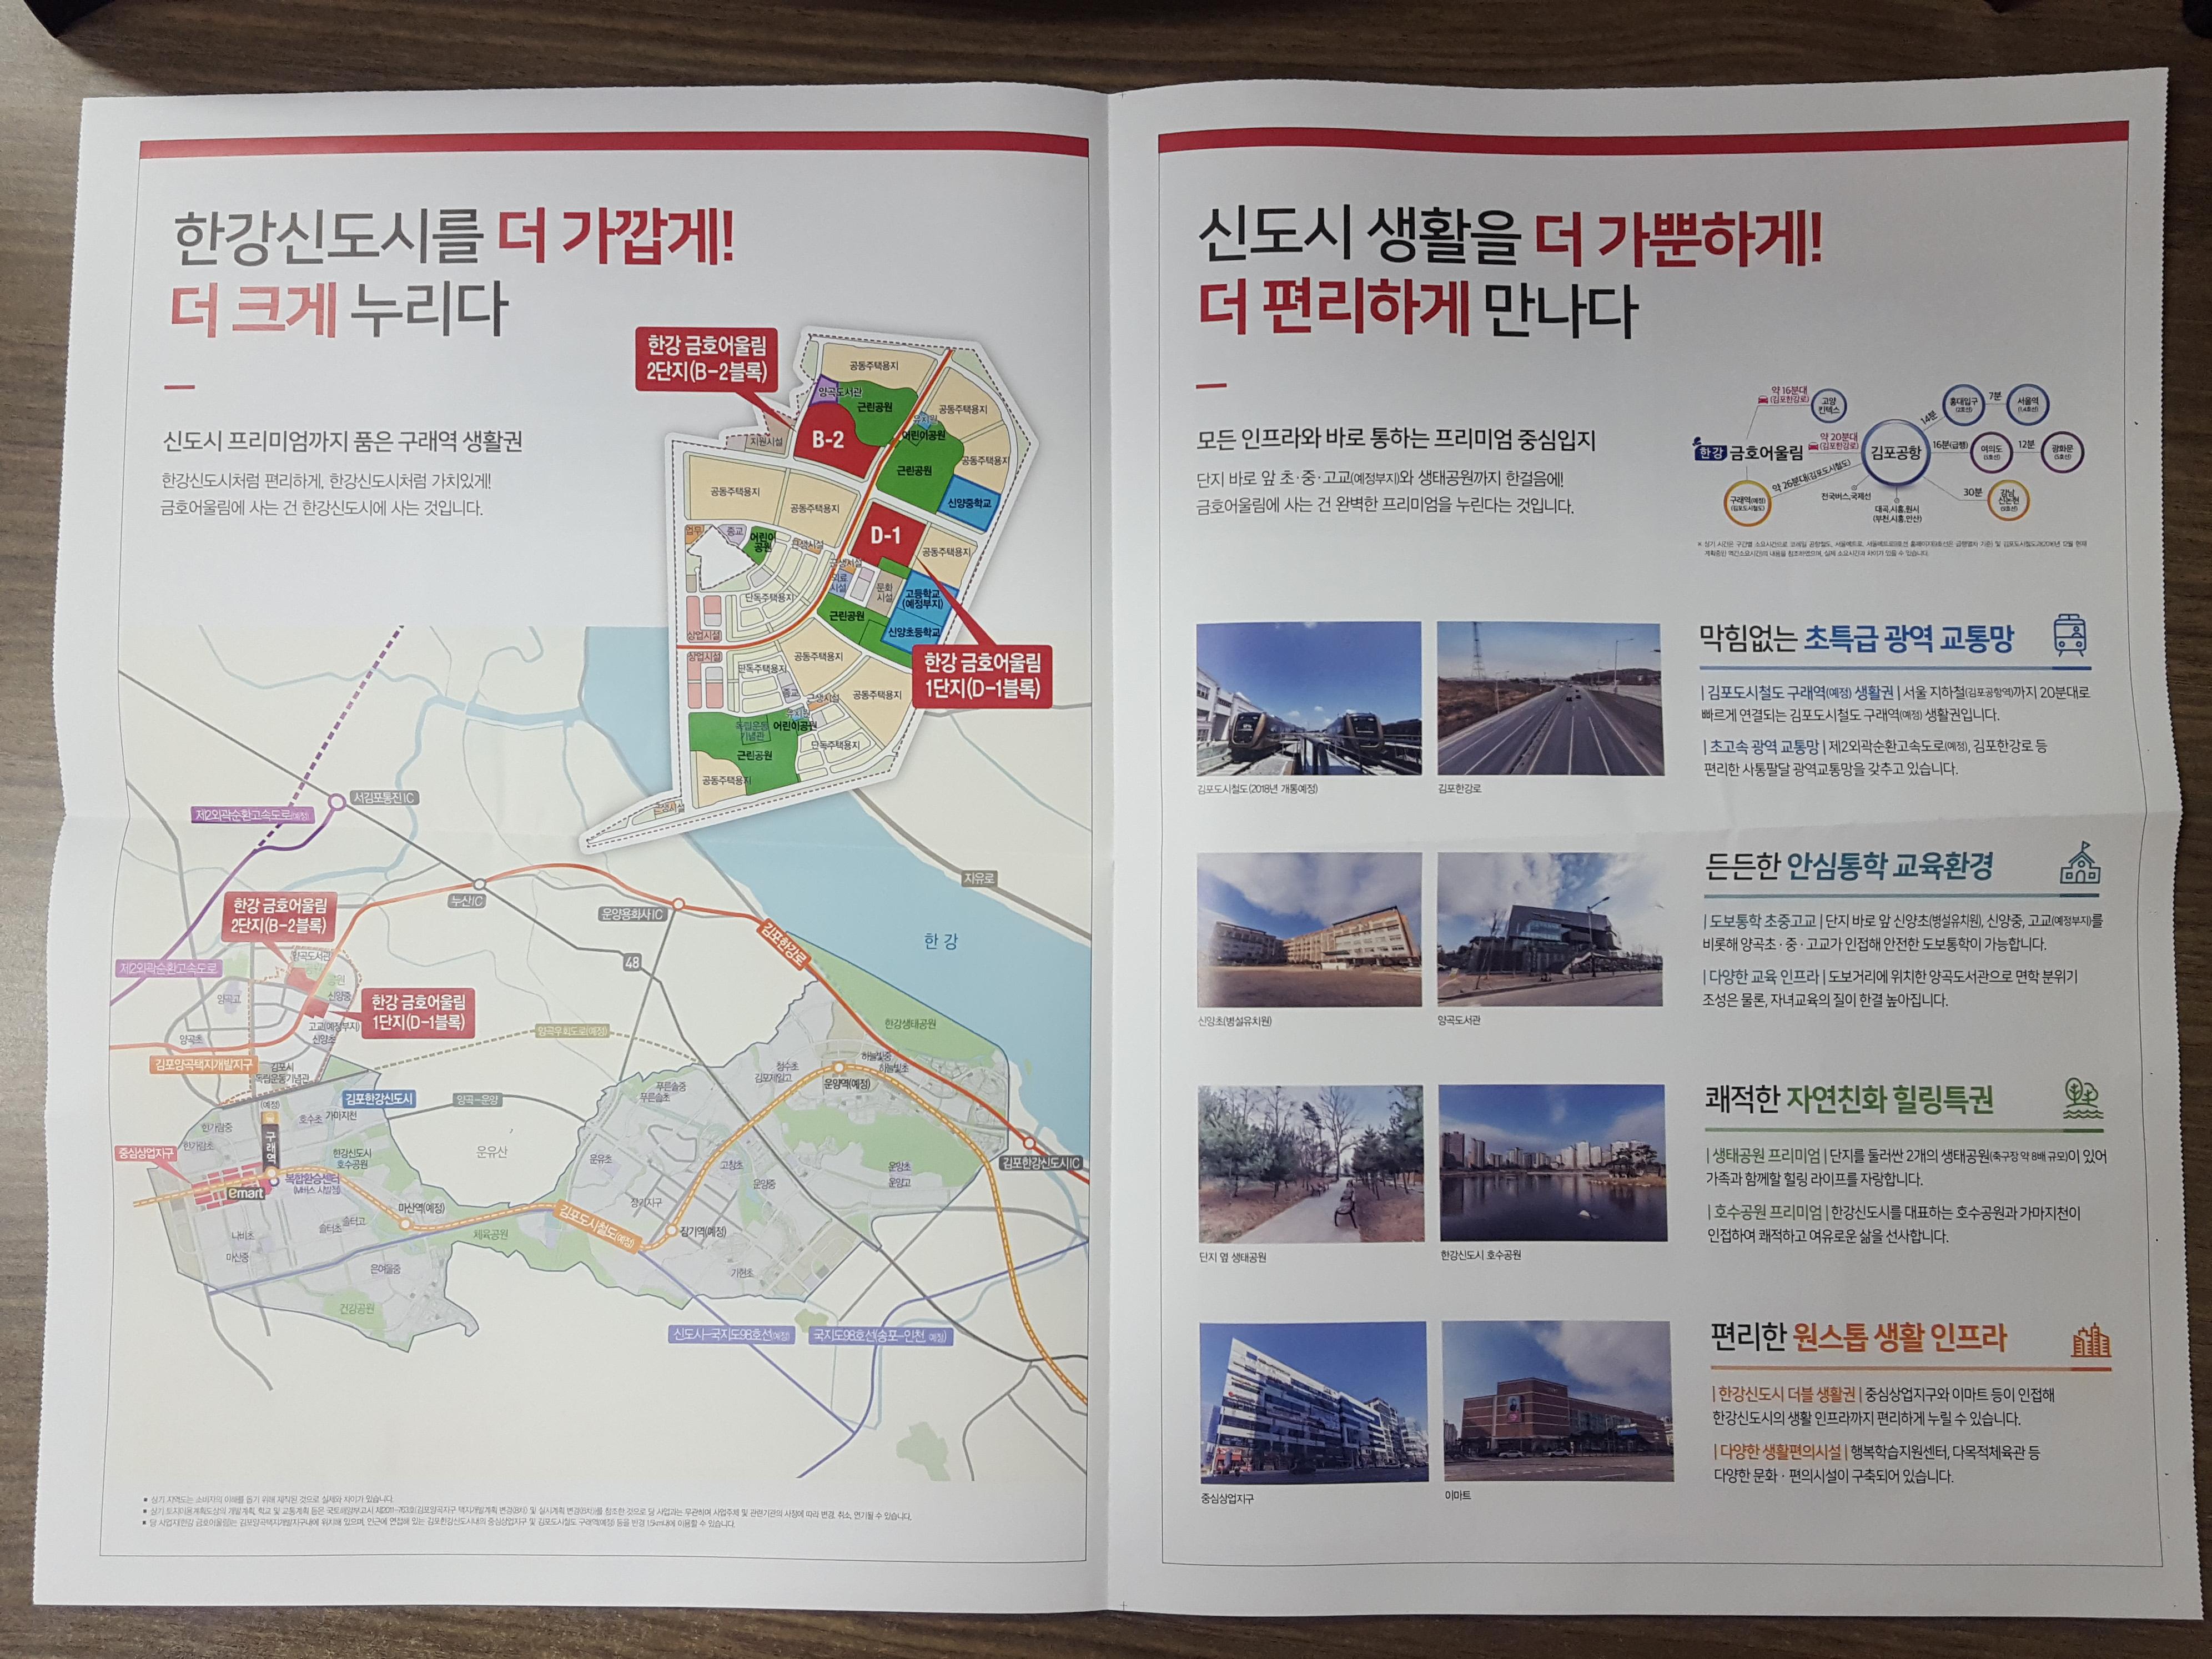 1월 12일 한강 금호어울림 전단지(삽지)앞.jpg